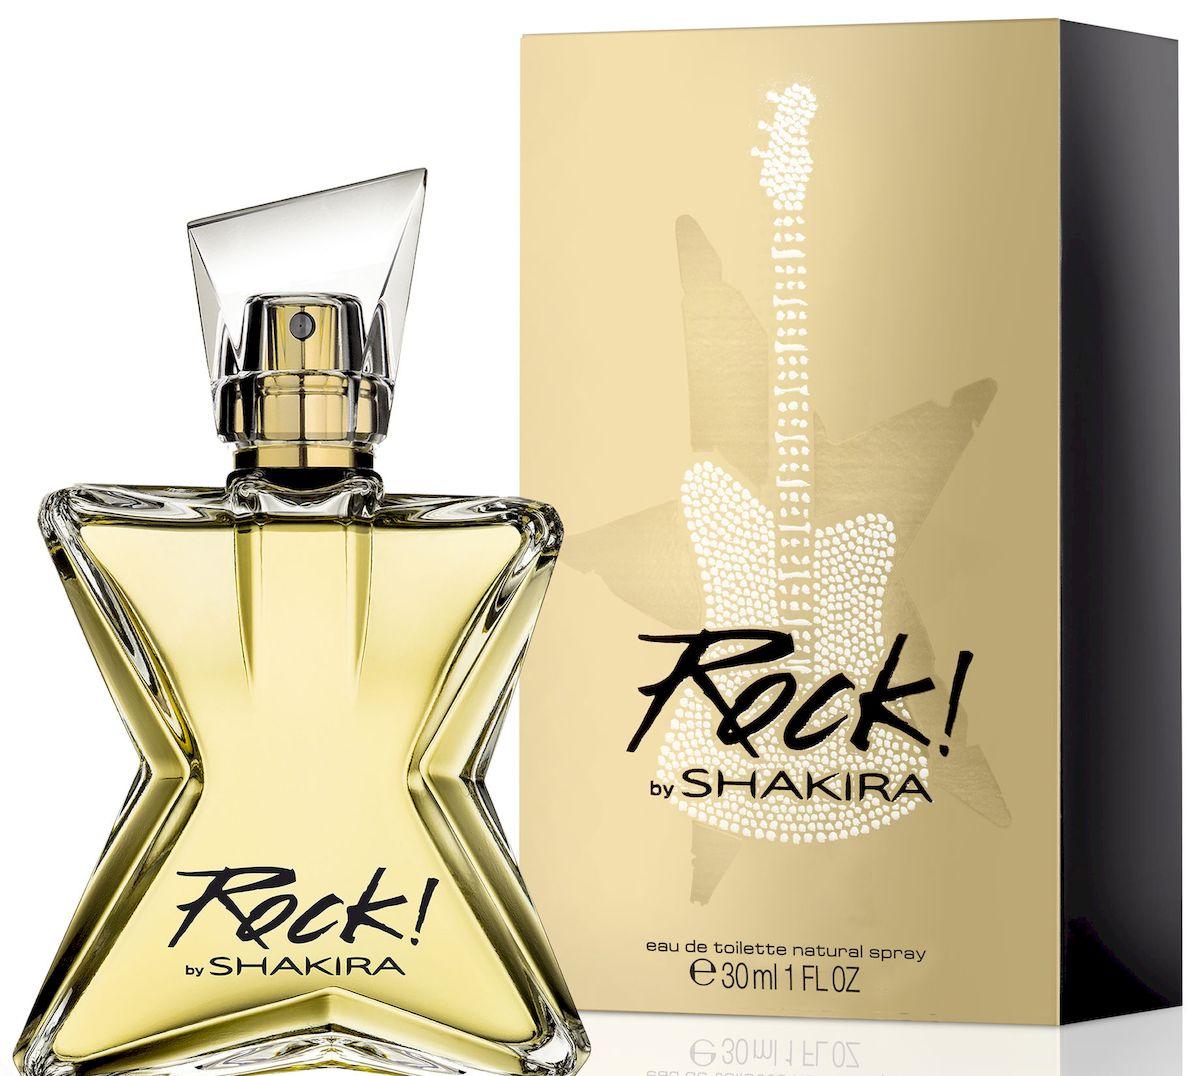 Shakira Rock By Shakira Туалетная вода, женская, 30 млWMW4Вдохновленная чистой энергией рока, Шакира вложила в новый аромат всю магическую притягательность своей музыки. Как и музыка певицы, Rock! by Shakira провозглашает свободу. Ноты зеленого мандарина, сочных фруктов и маракуйи звучат безошибочным ритмом городского бита. Мелодия цветочного аккорда увлекает в чувственный мир наслаждений. Созвучие жасмина и флердоранжа гармонично завершает композицию верхних нот. Базовые аккорды пачули и кедра взрываются соблазнительным ритмом и завершаются загадочным шлейфом амбровых нот. Rock! воплощает всю притягательную силу музыки.Верхняя нота: Мандарин, маракуйя.Средняя нота: Цветы апельсина, Тиаре.Шлейф: Кедр, амбра.Тиаре - для пленительного соблазна.